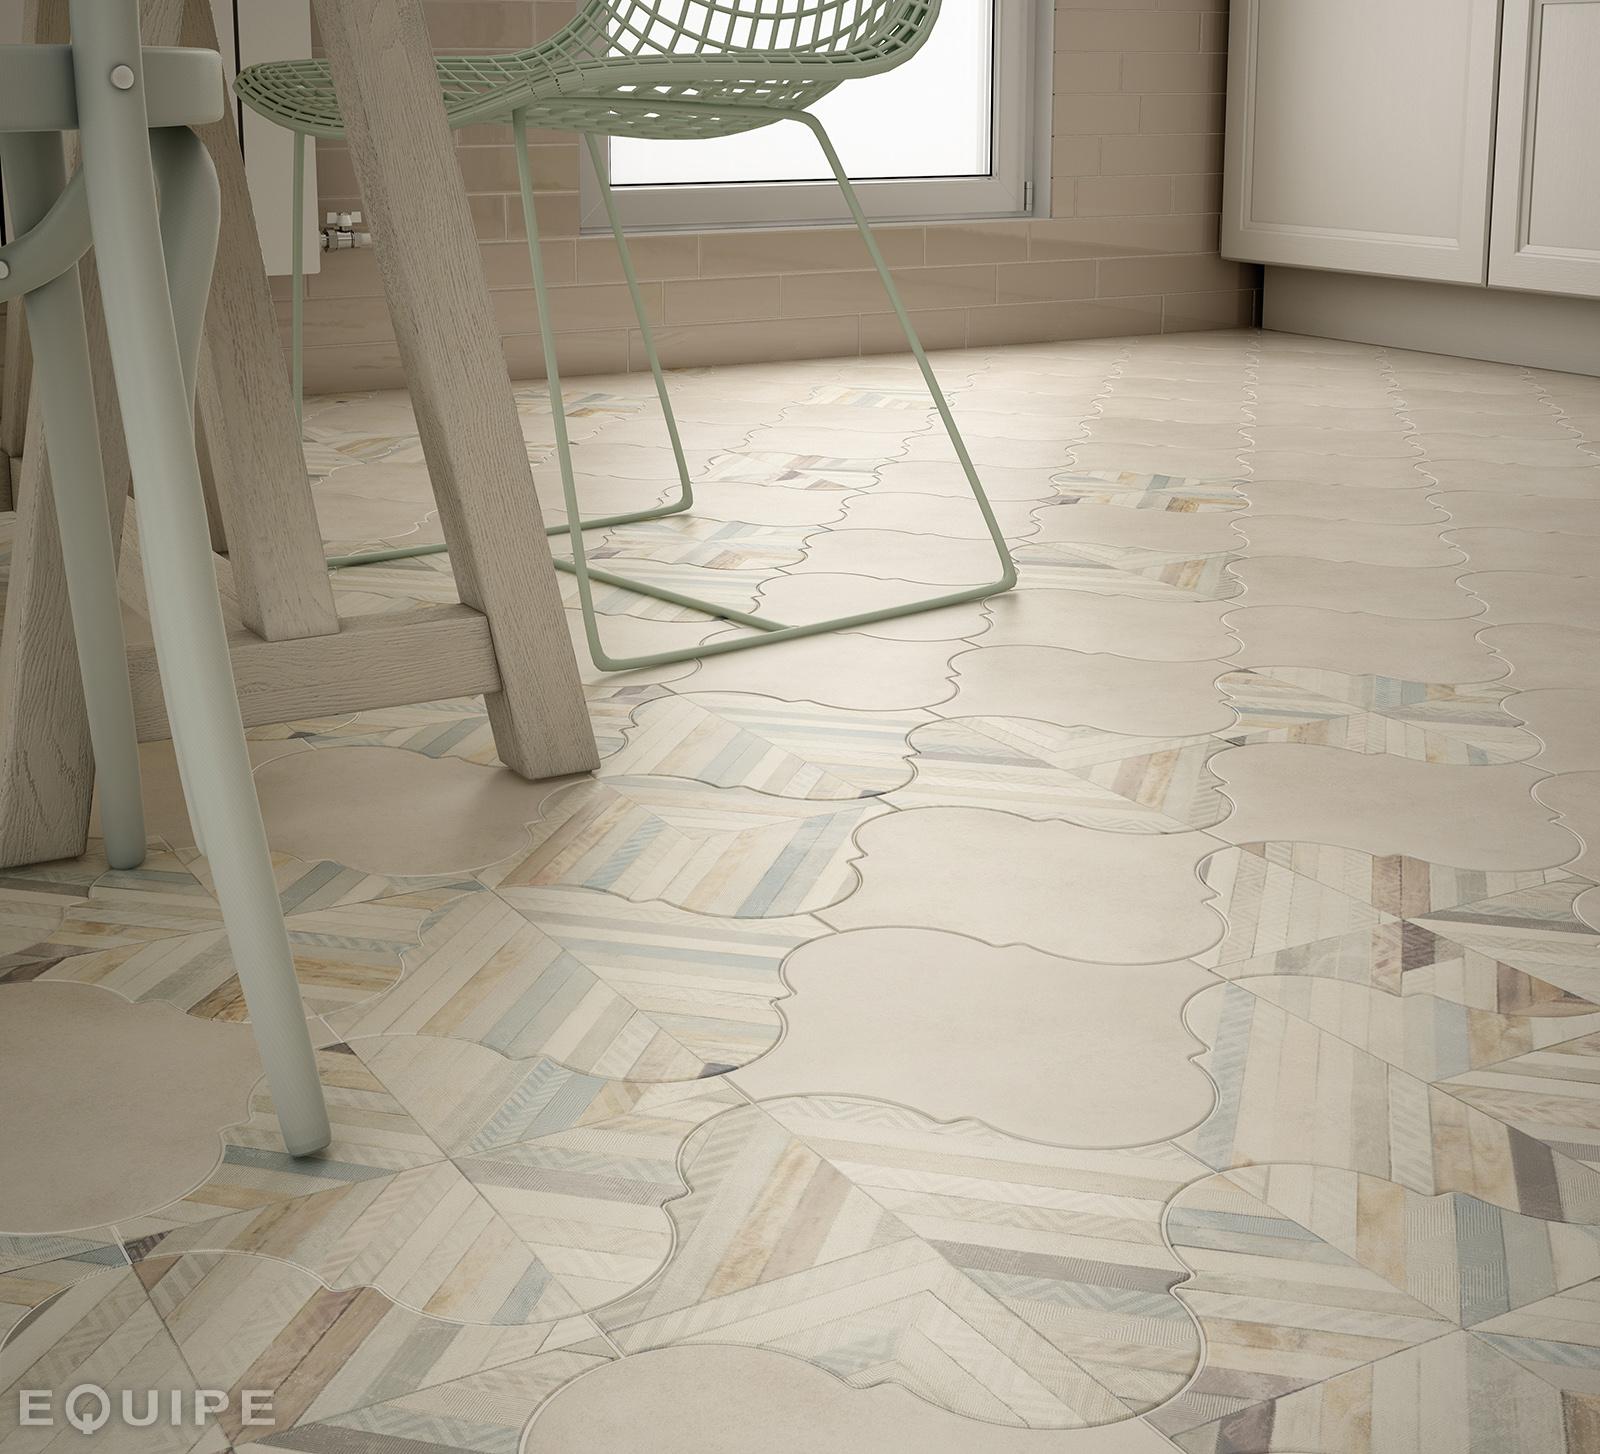 Curvytile 26.5x26.5 cm Floor & Wall tile/Porcelain/R9